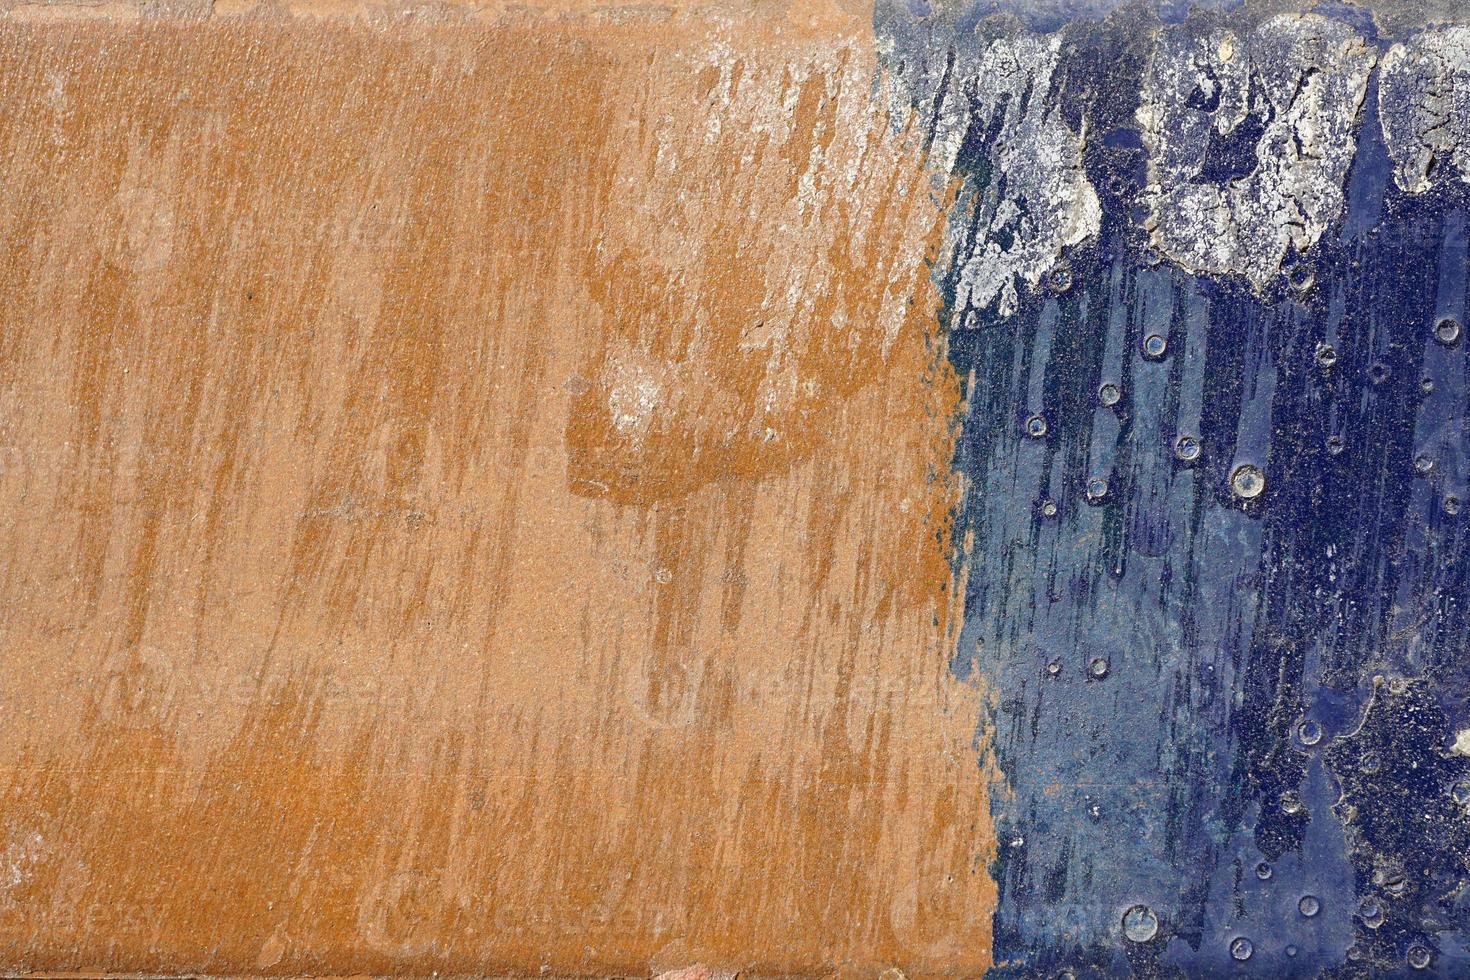 heisere, zerkratzte und geschälte Oberfläche mit blauem und gelblichem Bro foto